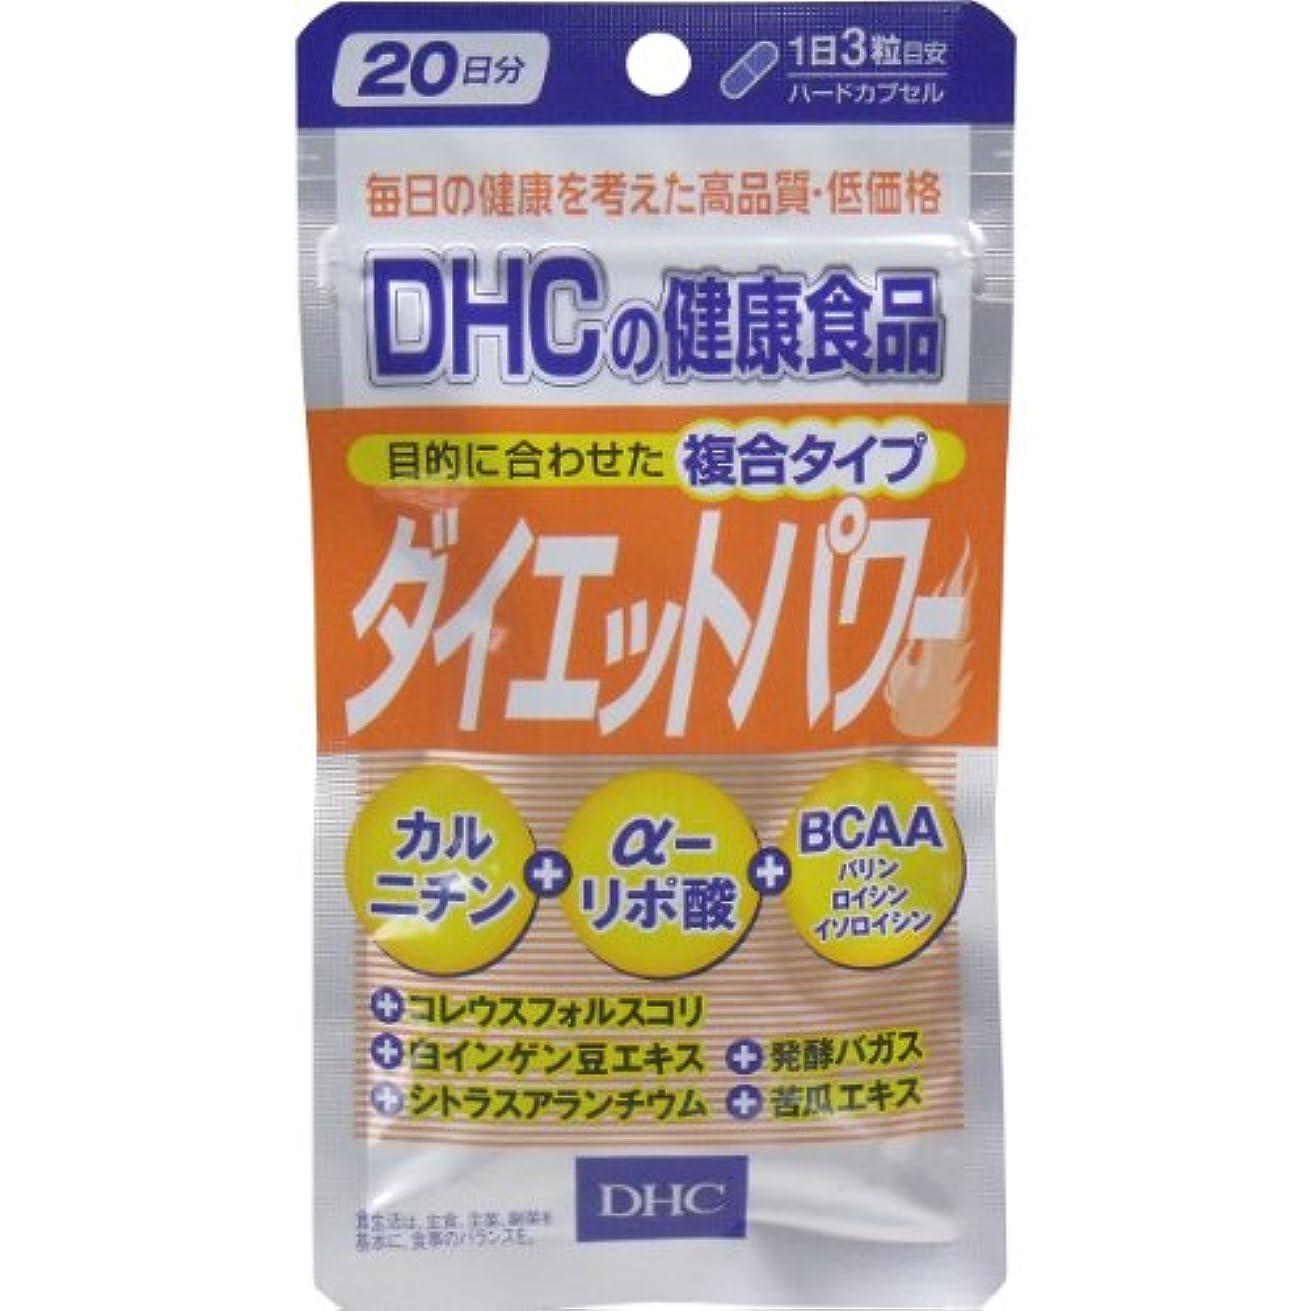 納屋排除学習DHC ダイエットパワー 60粒入 20日分